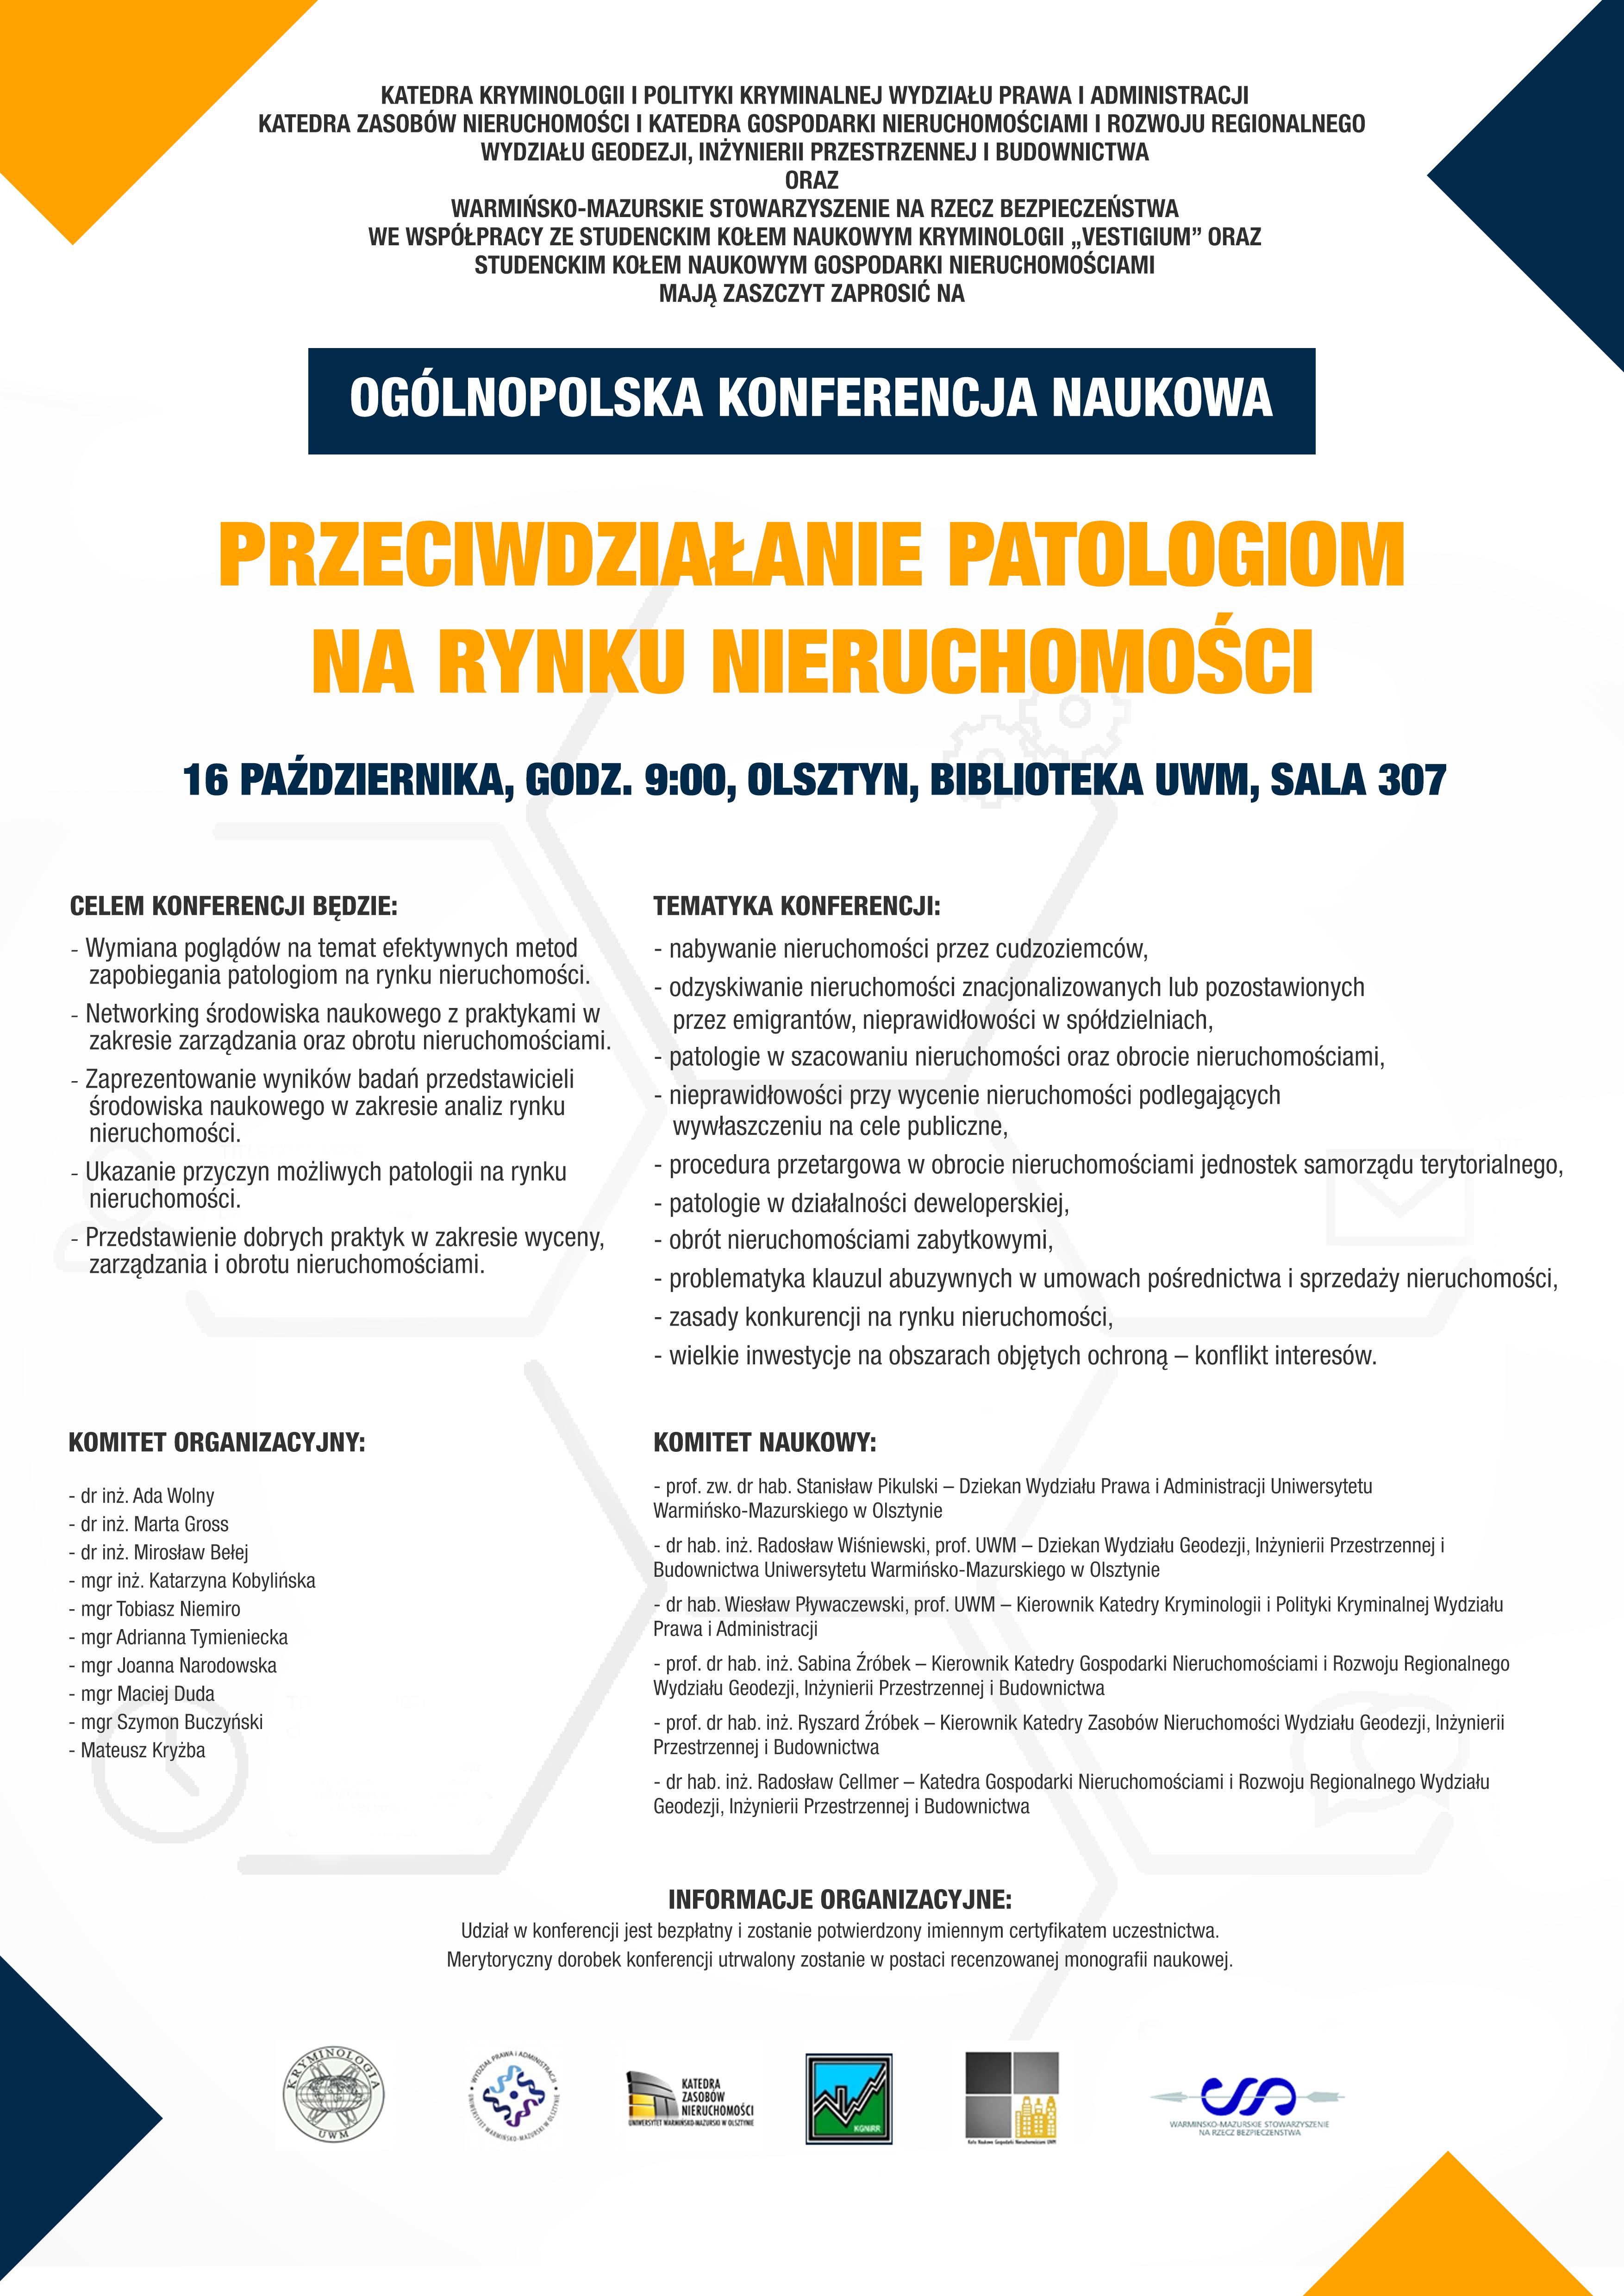 Ogólnopolska Konferencja Naukowa Przeciwdziałanie